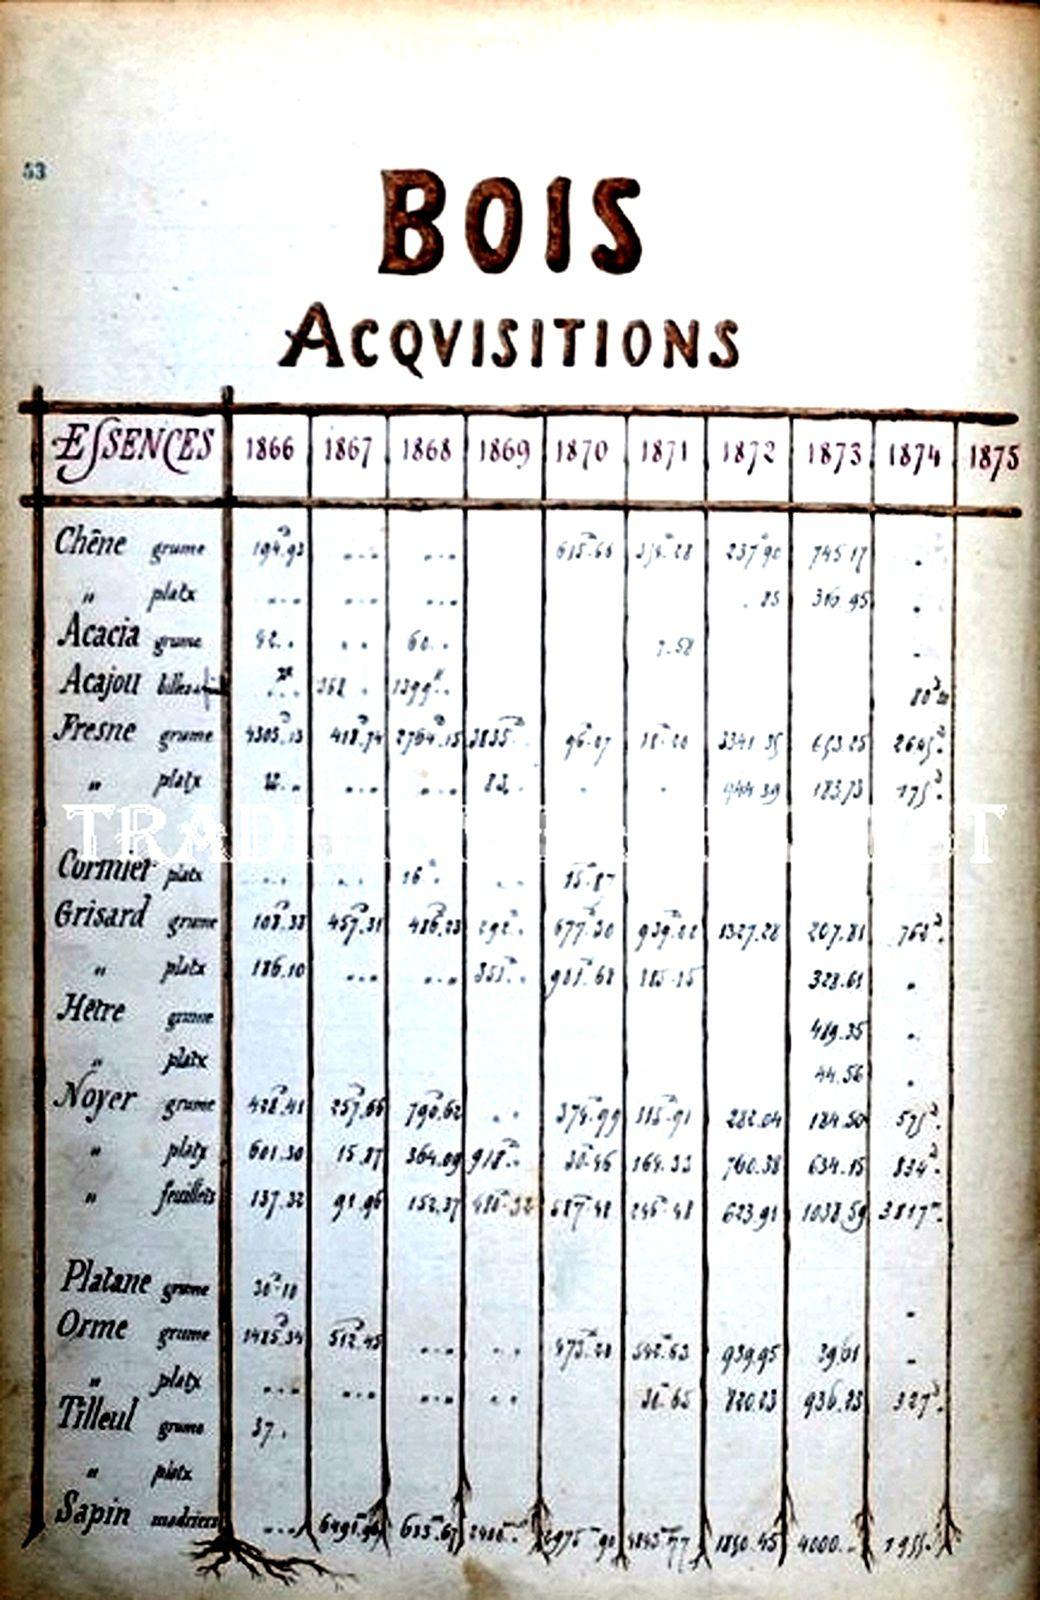 Extrait d'un document statistique (années 1866 1876) de la CGV (Collection Hans Paggen)